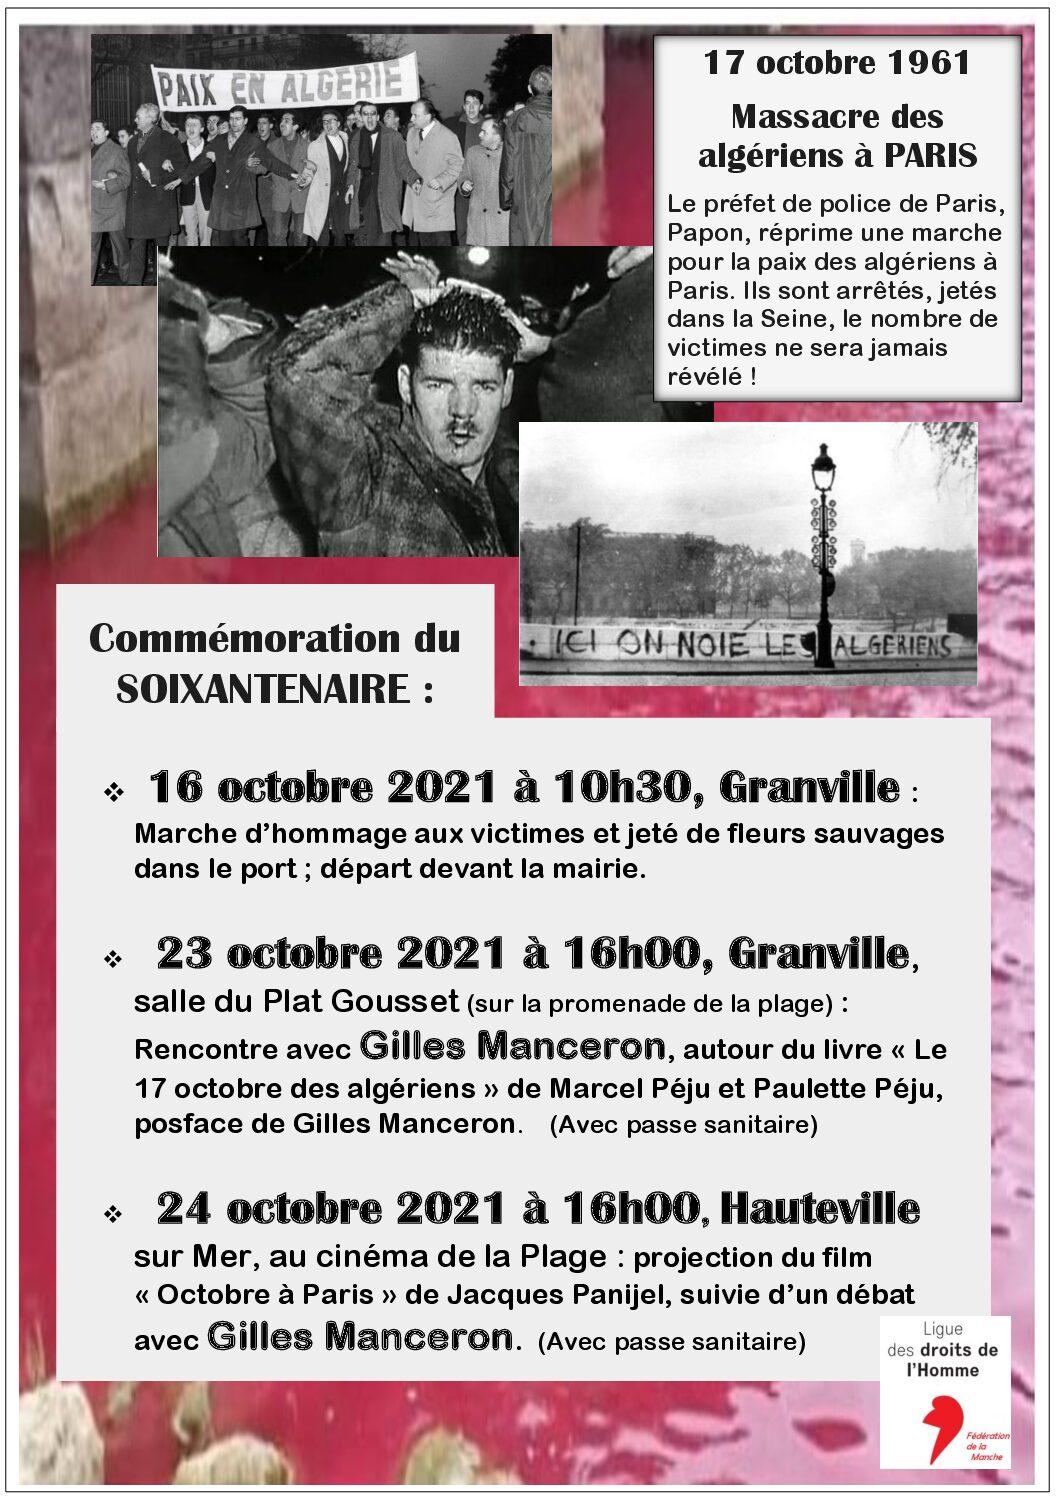 Marche d'hommage : commémoration du soixantenaire du 17 octobre 1961